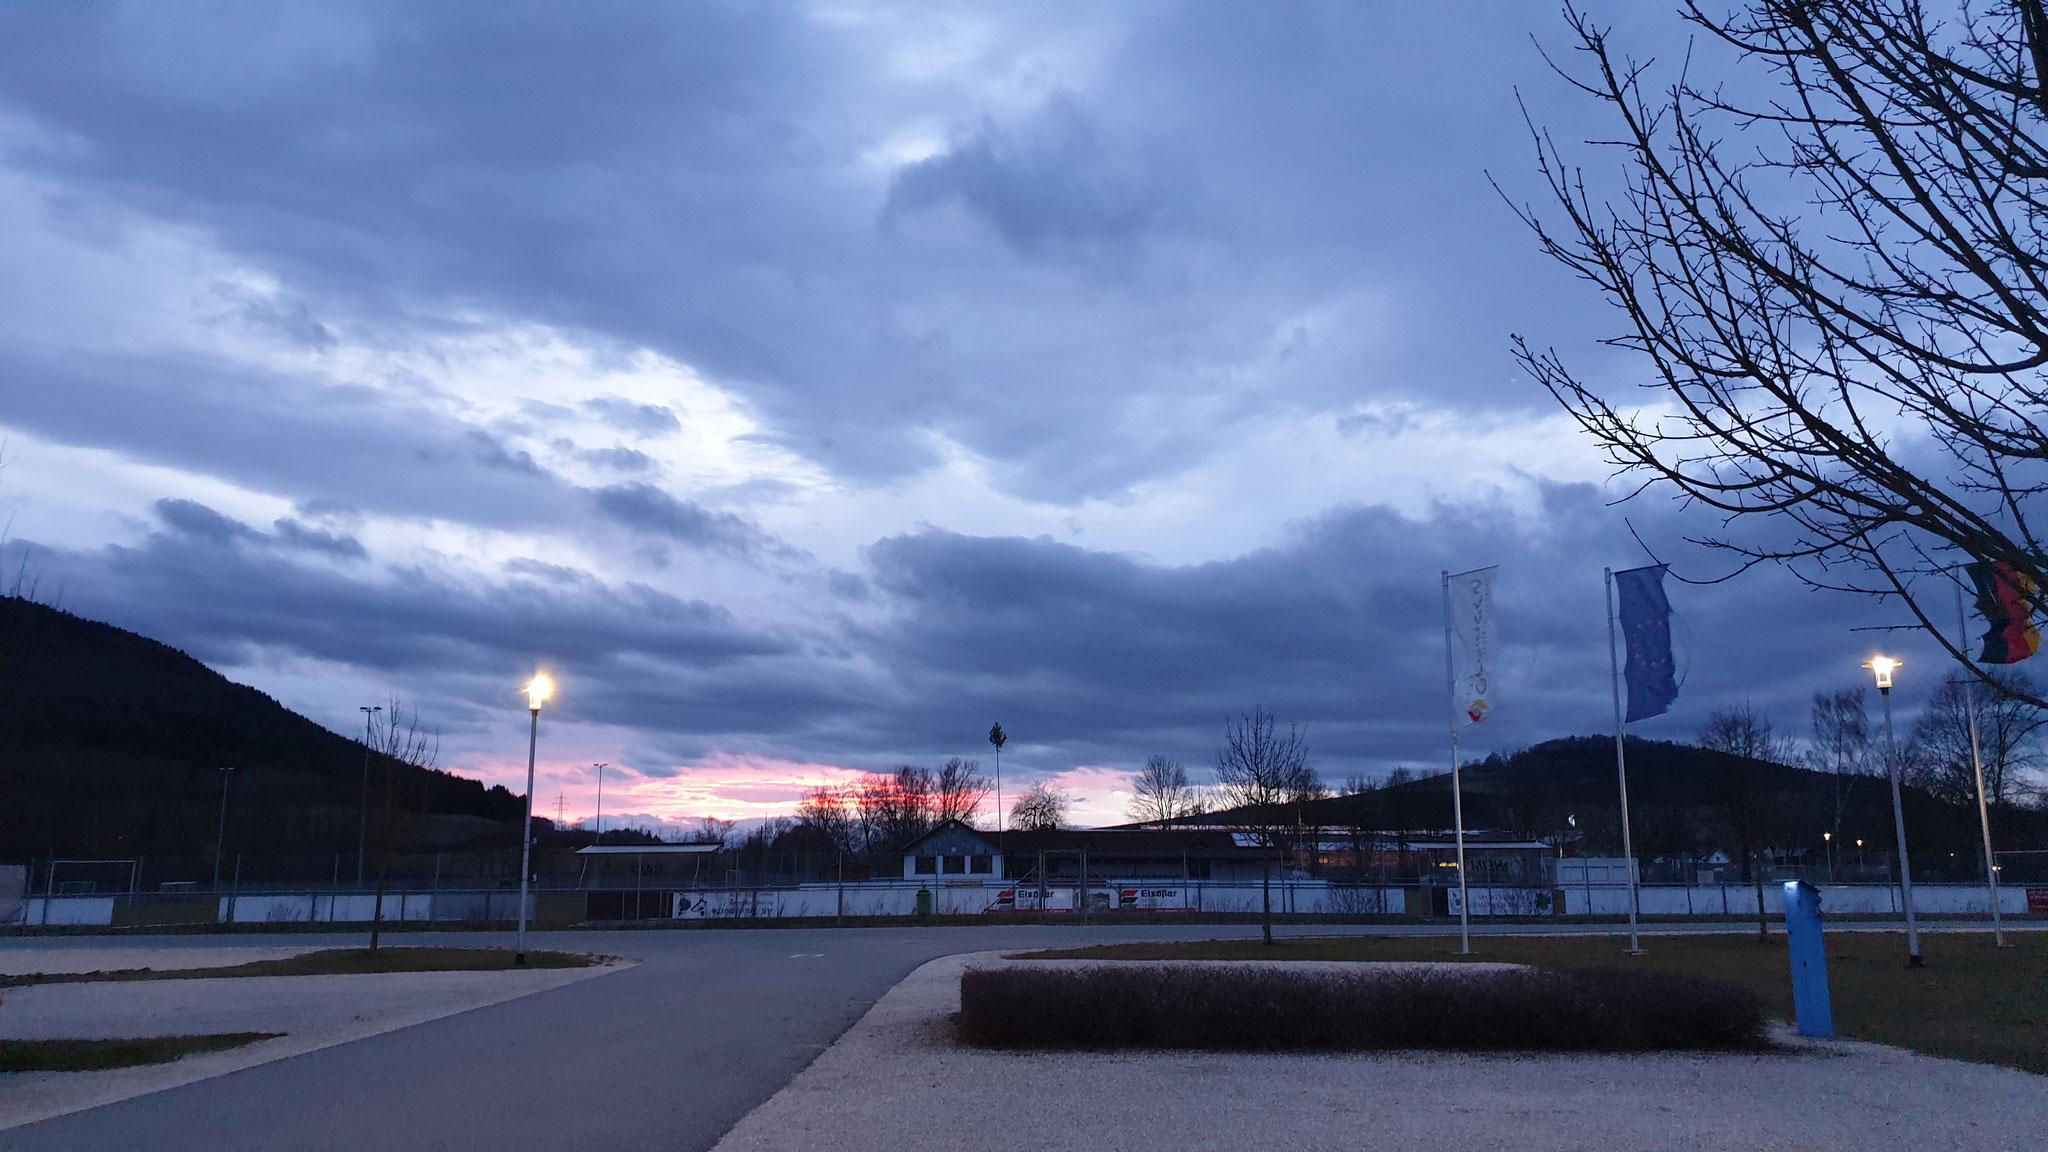 Sonnenuntergang bei Wind und Wetter